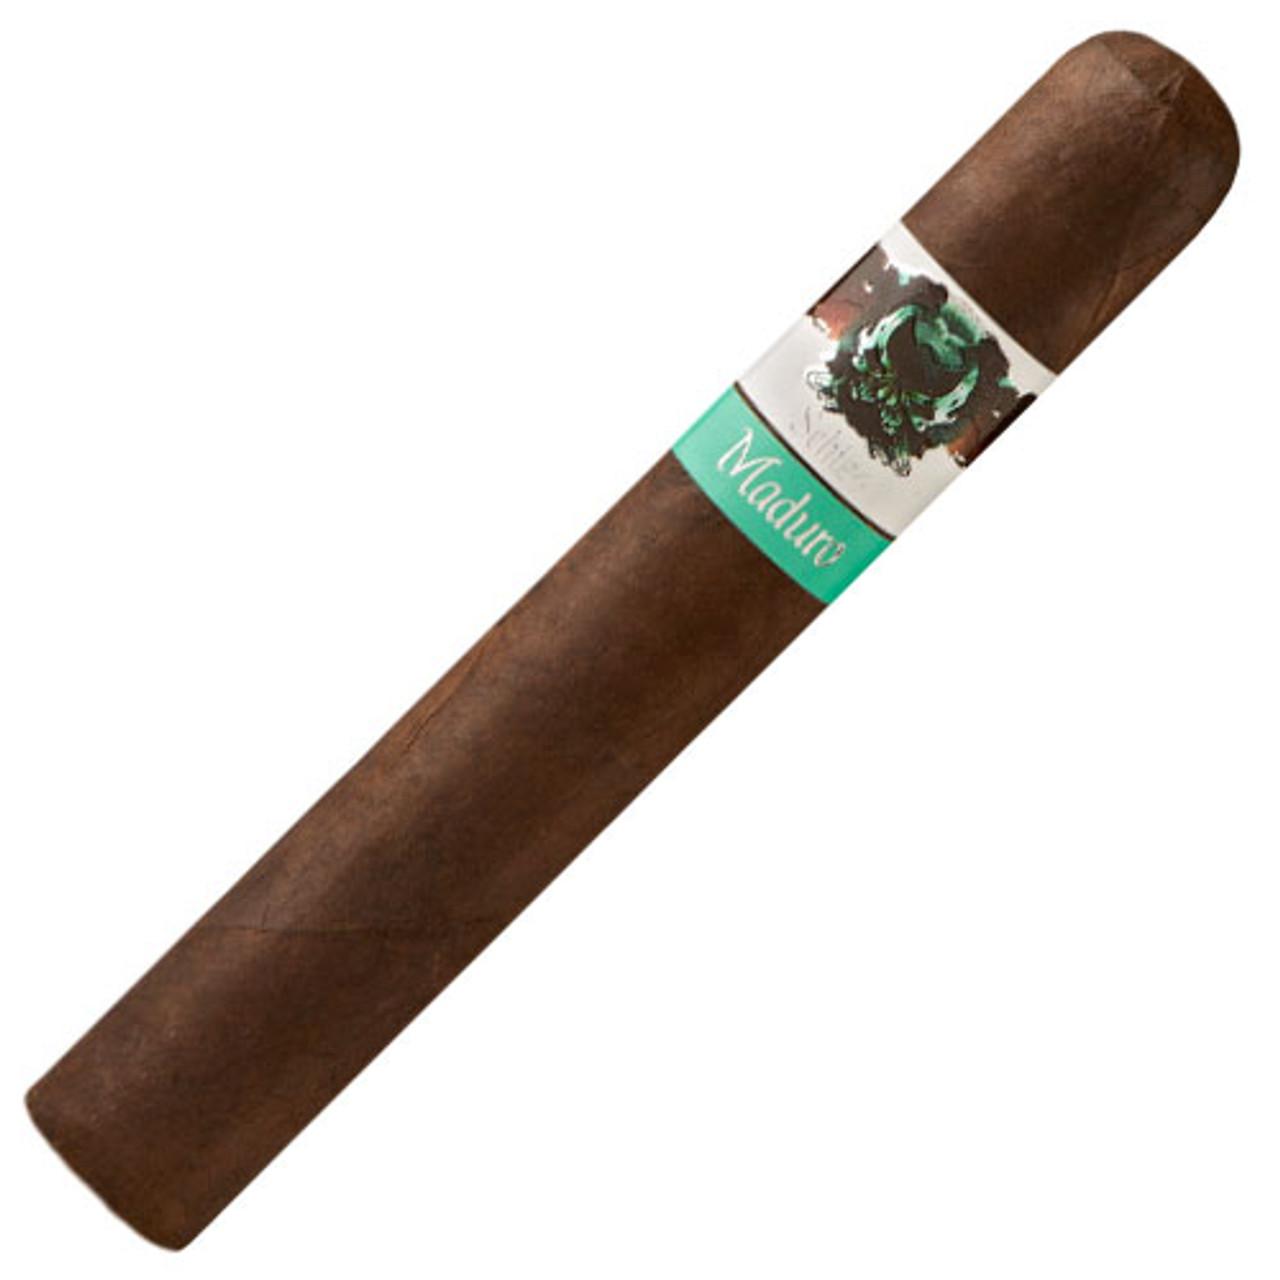 Asylum Schizo 7 X 70 Maduro Cigars - 7 x 70 (Box of 20)